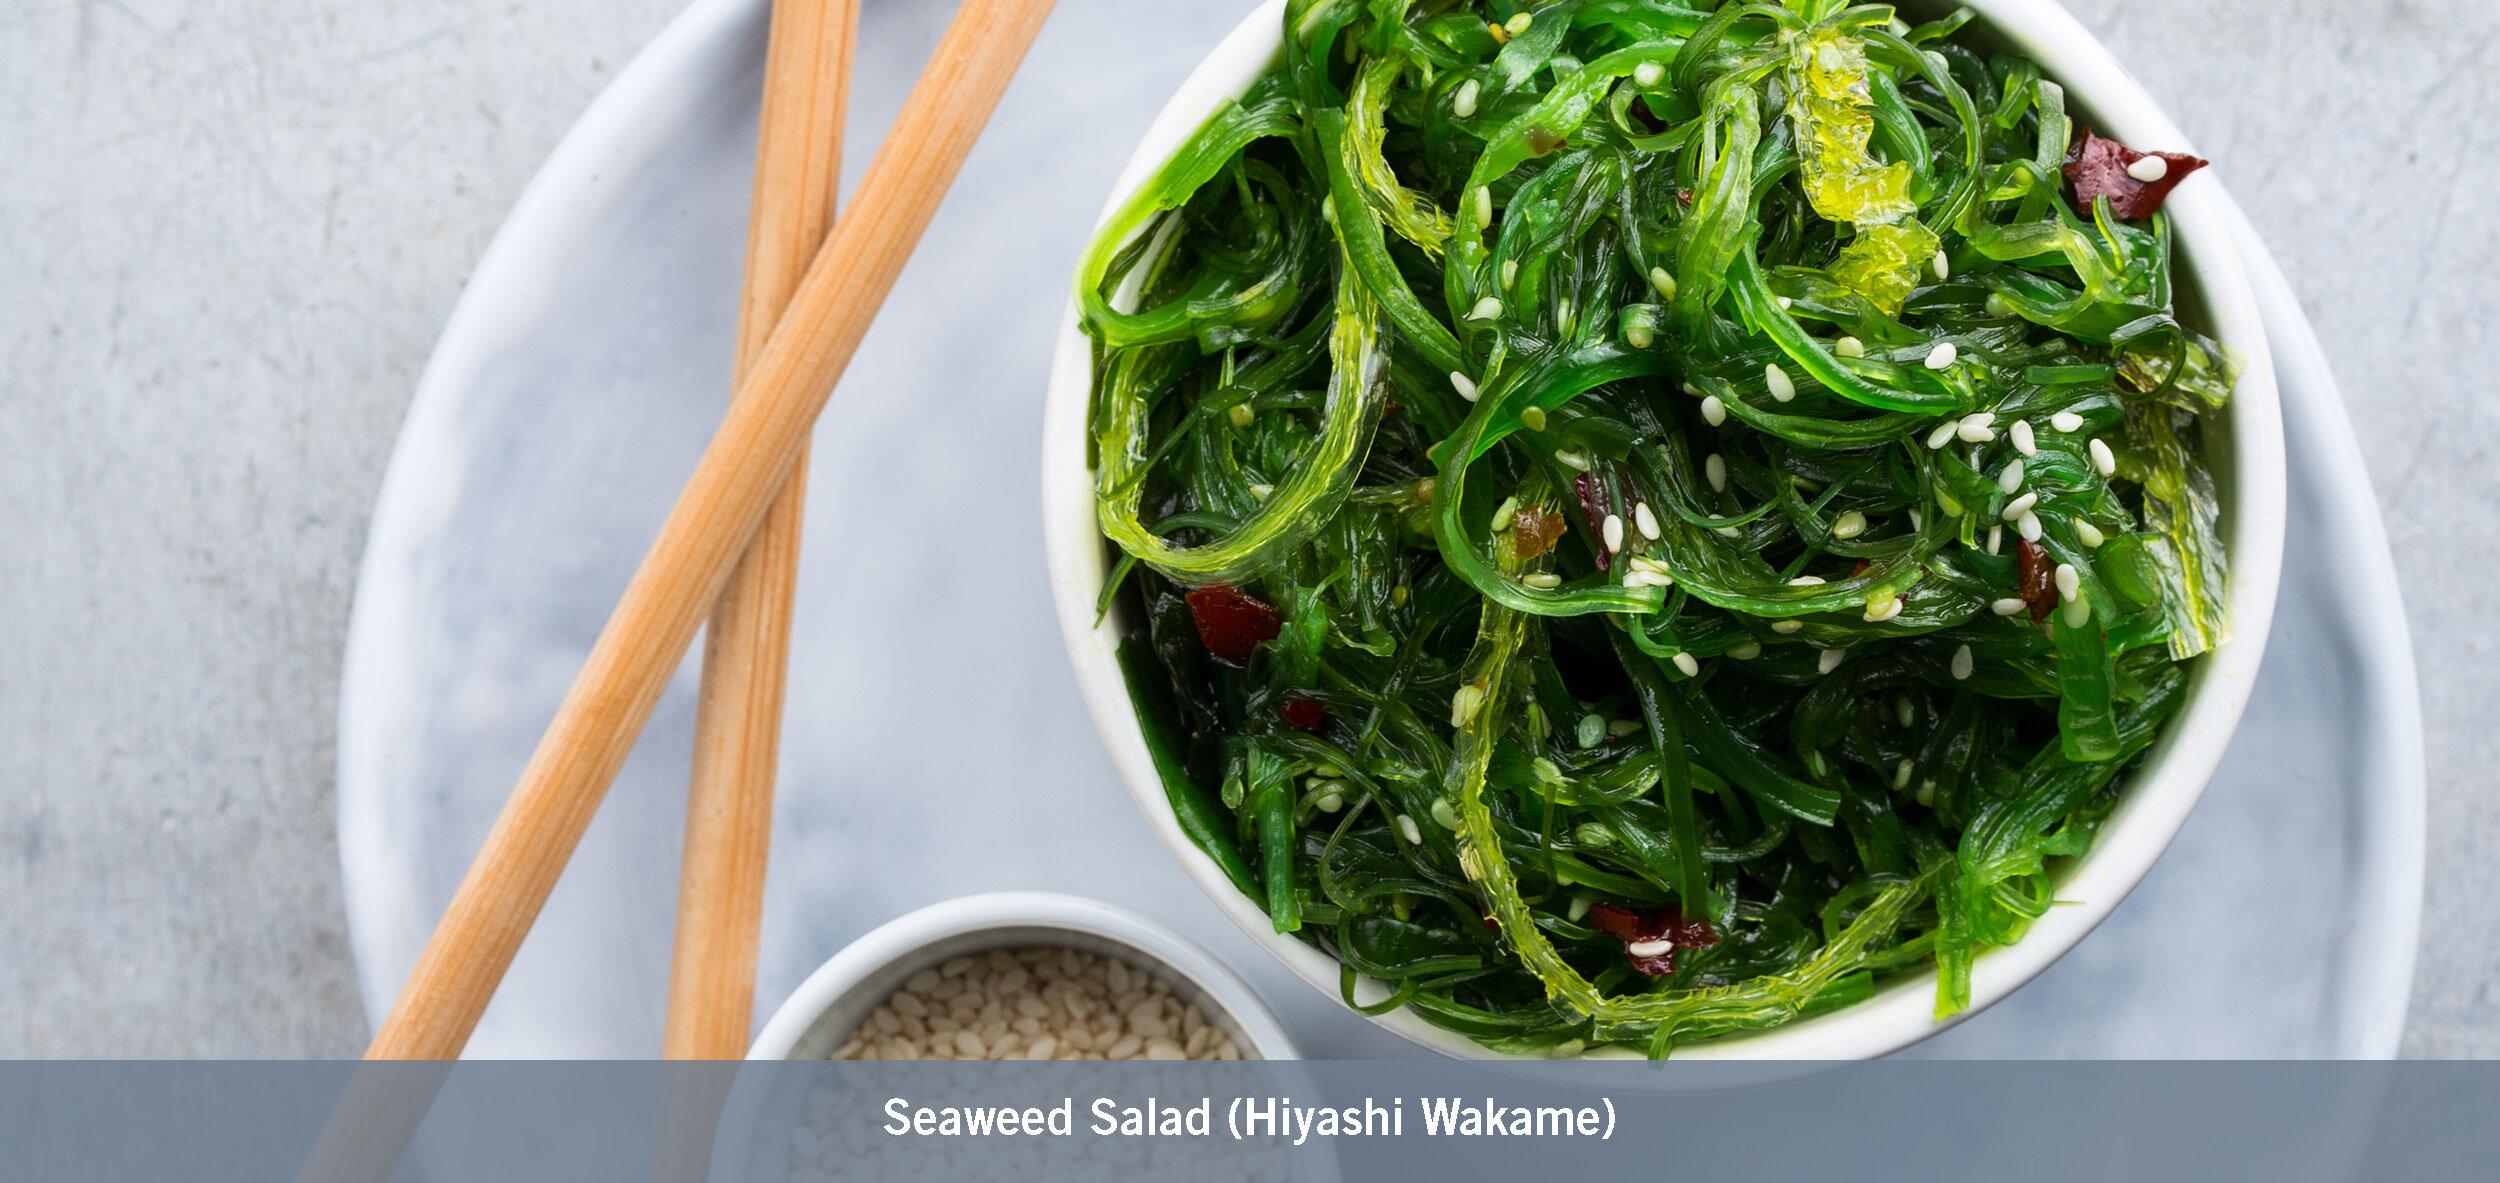 Seaweed Salad (Hiyashi Wakame)